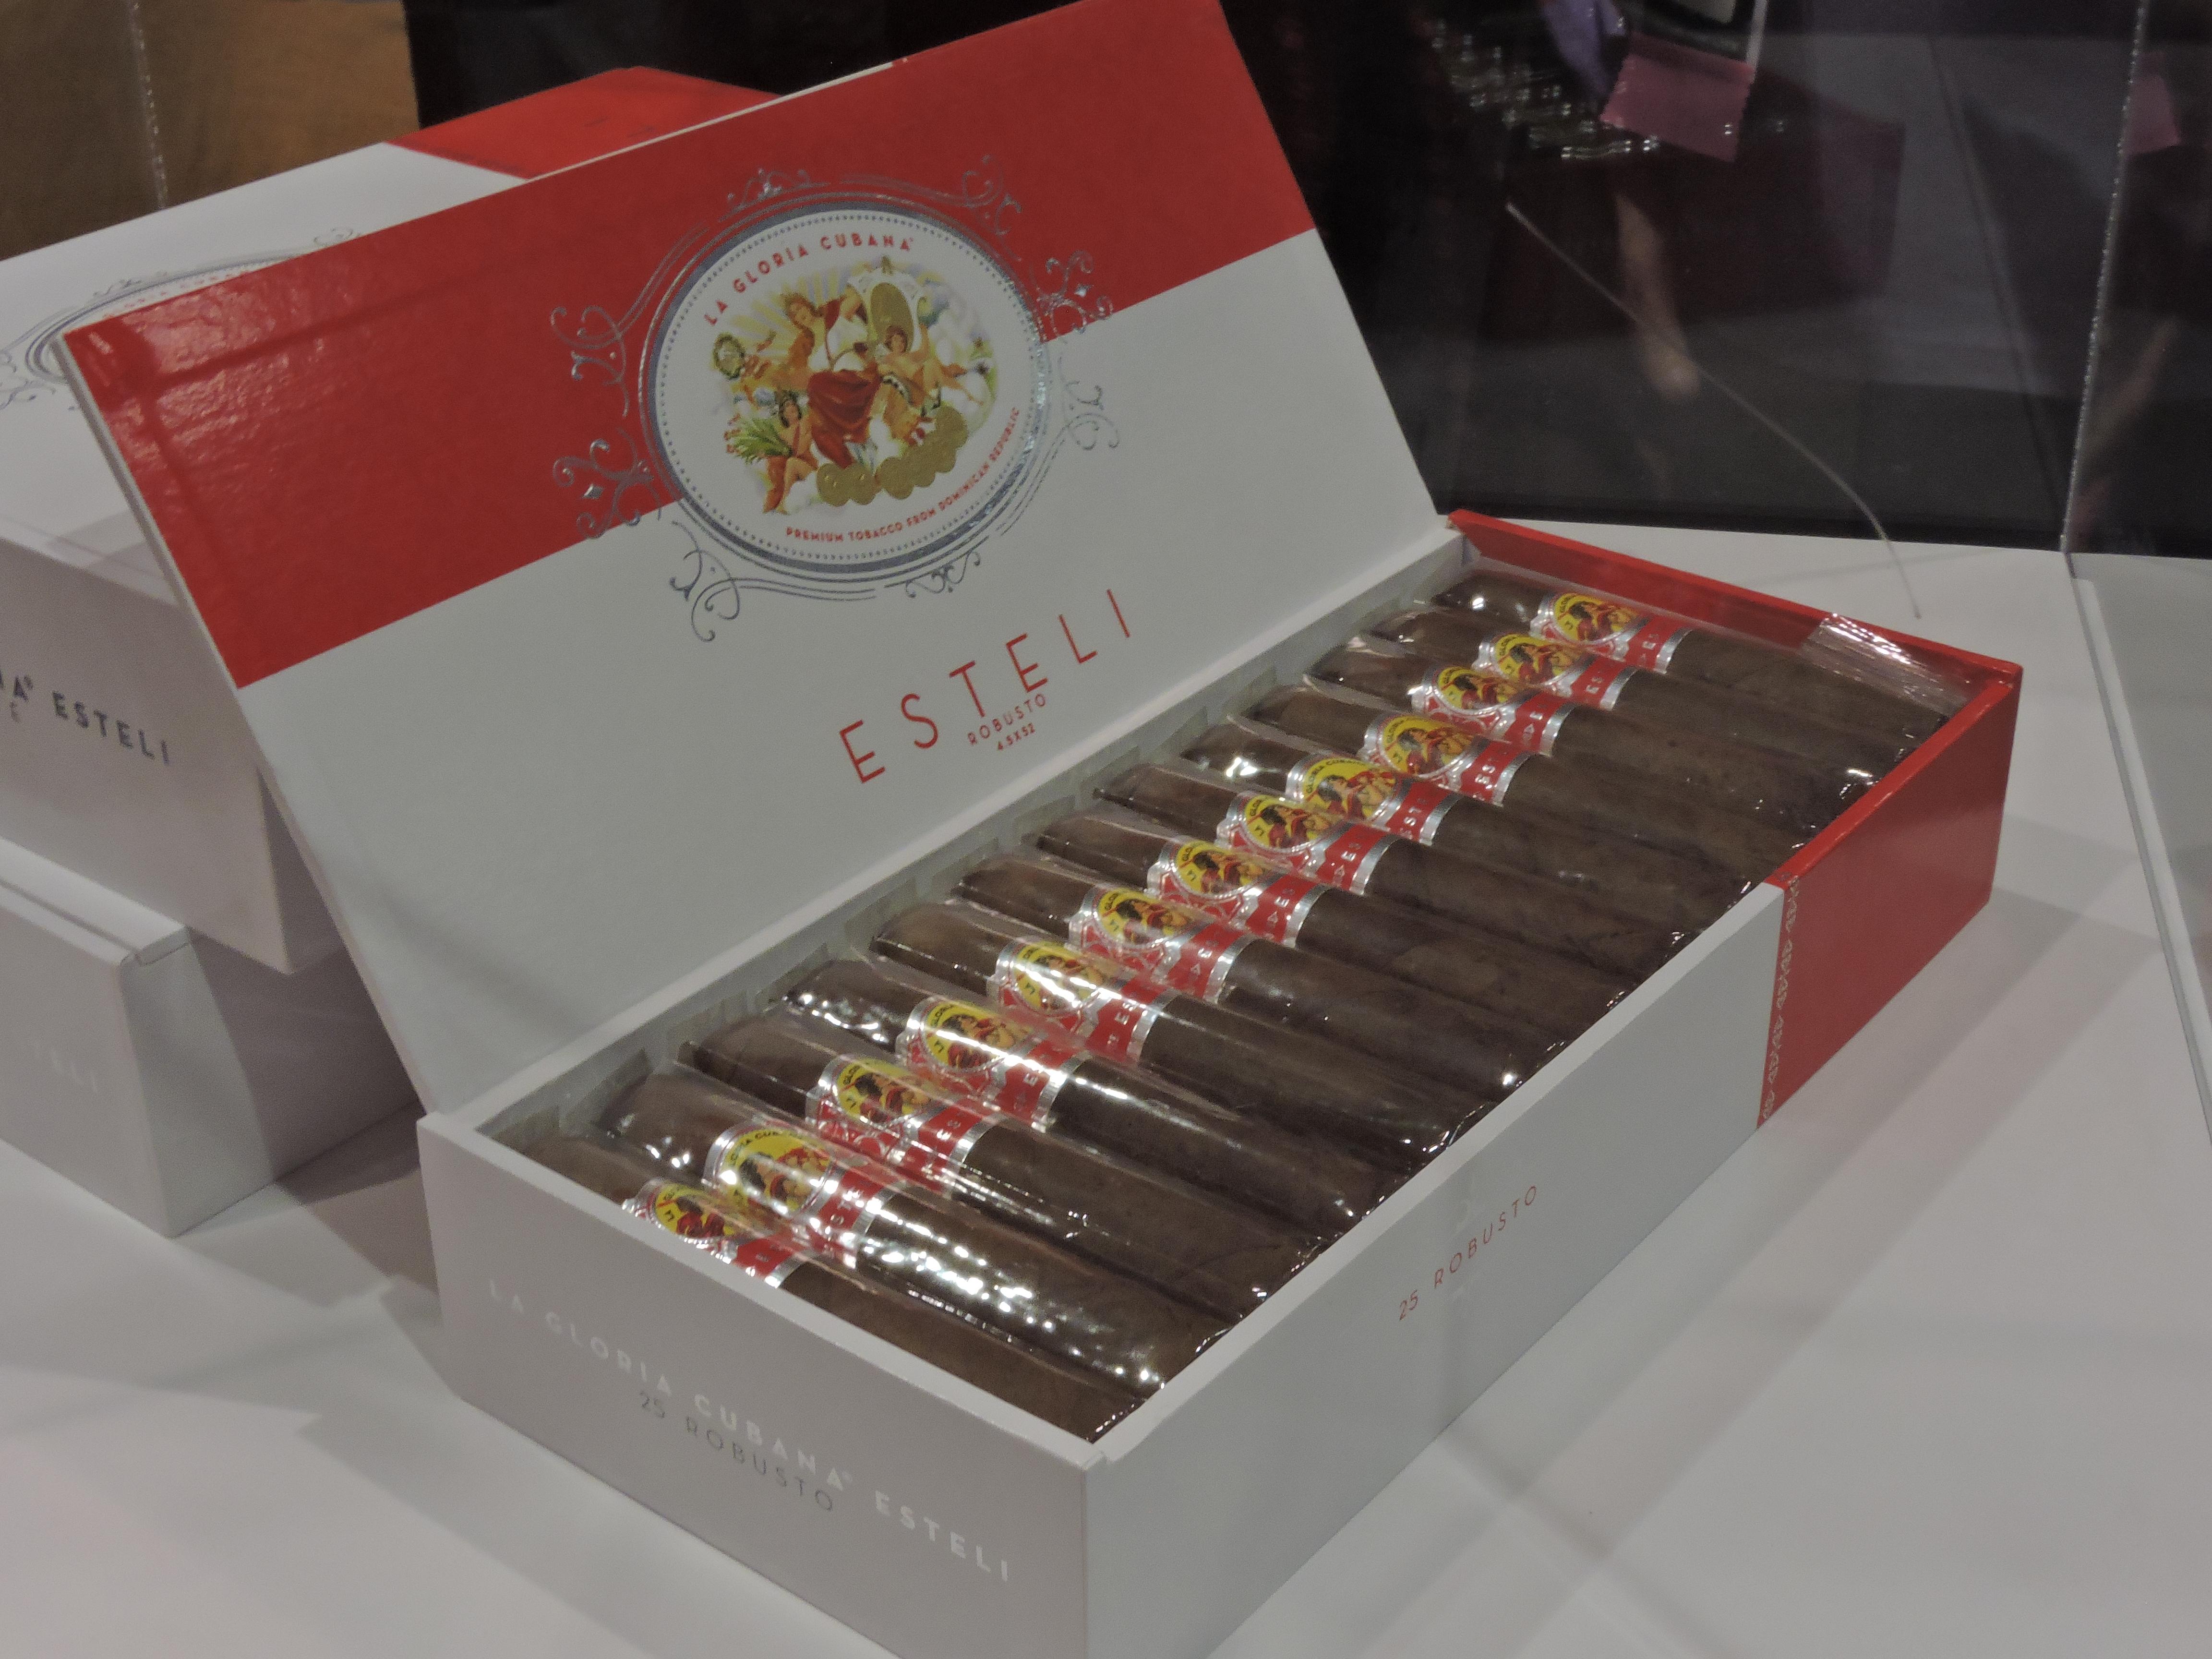 Cigar News: La Gloria Cubana Estelí Launched at 2018 IPCPR